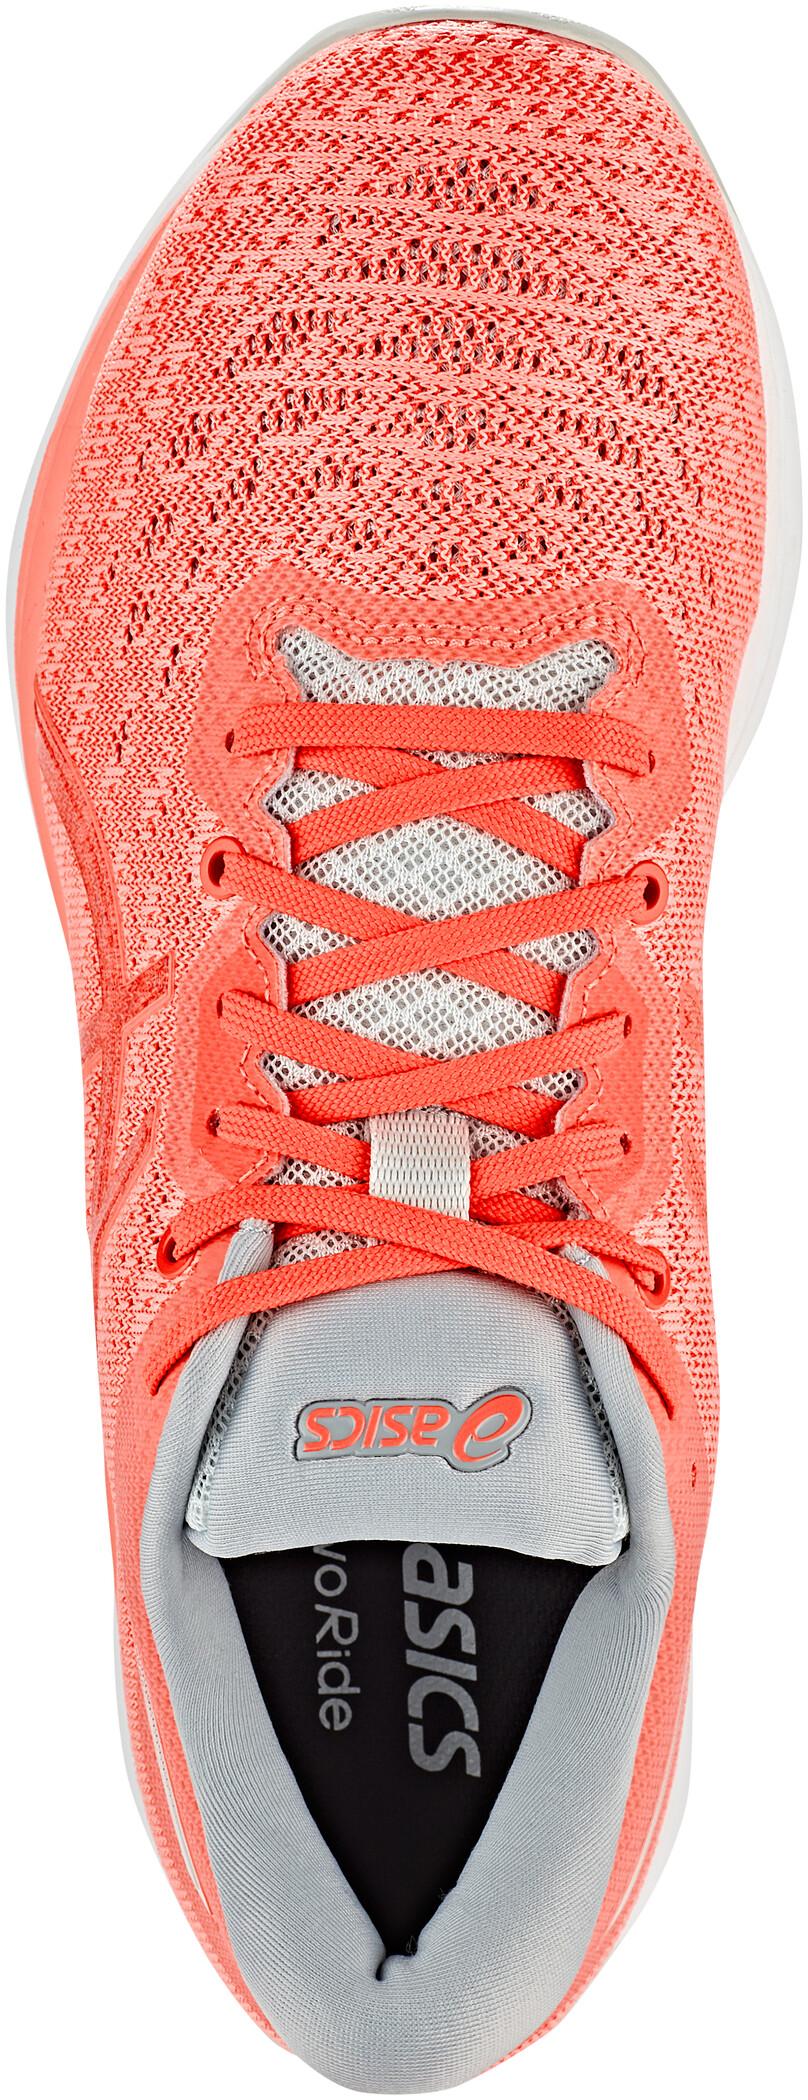 asics Evoride Schuhe Damen sun coralflash coral